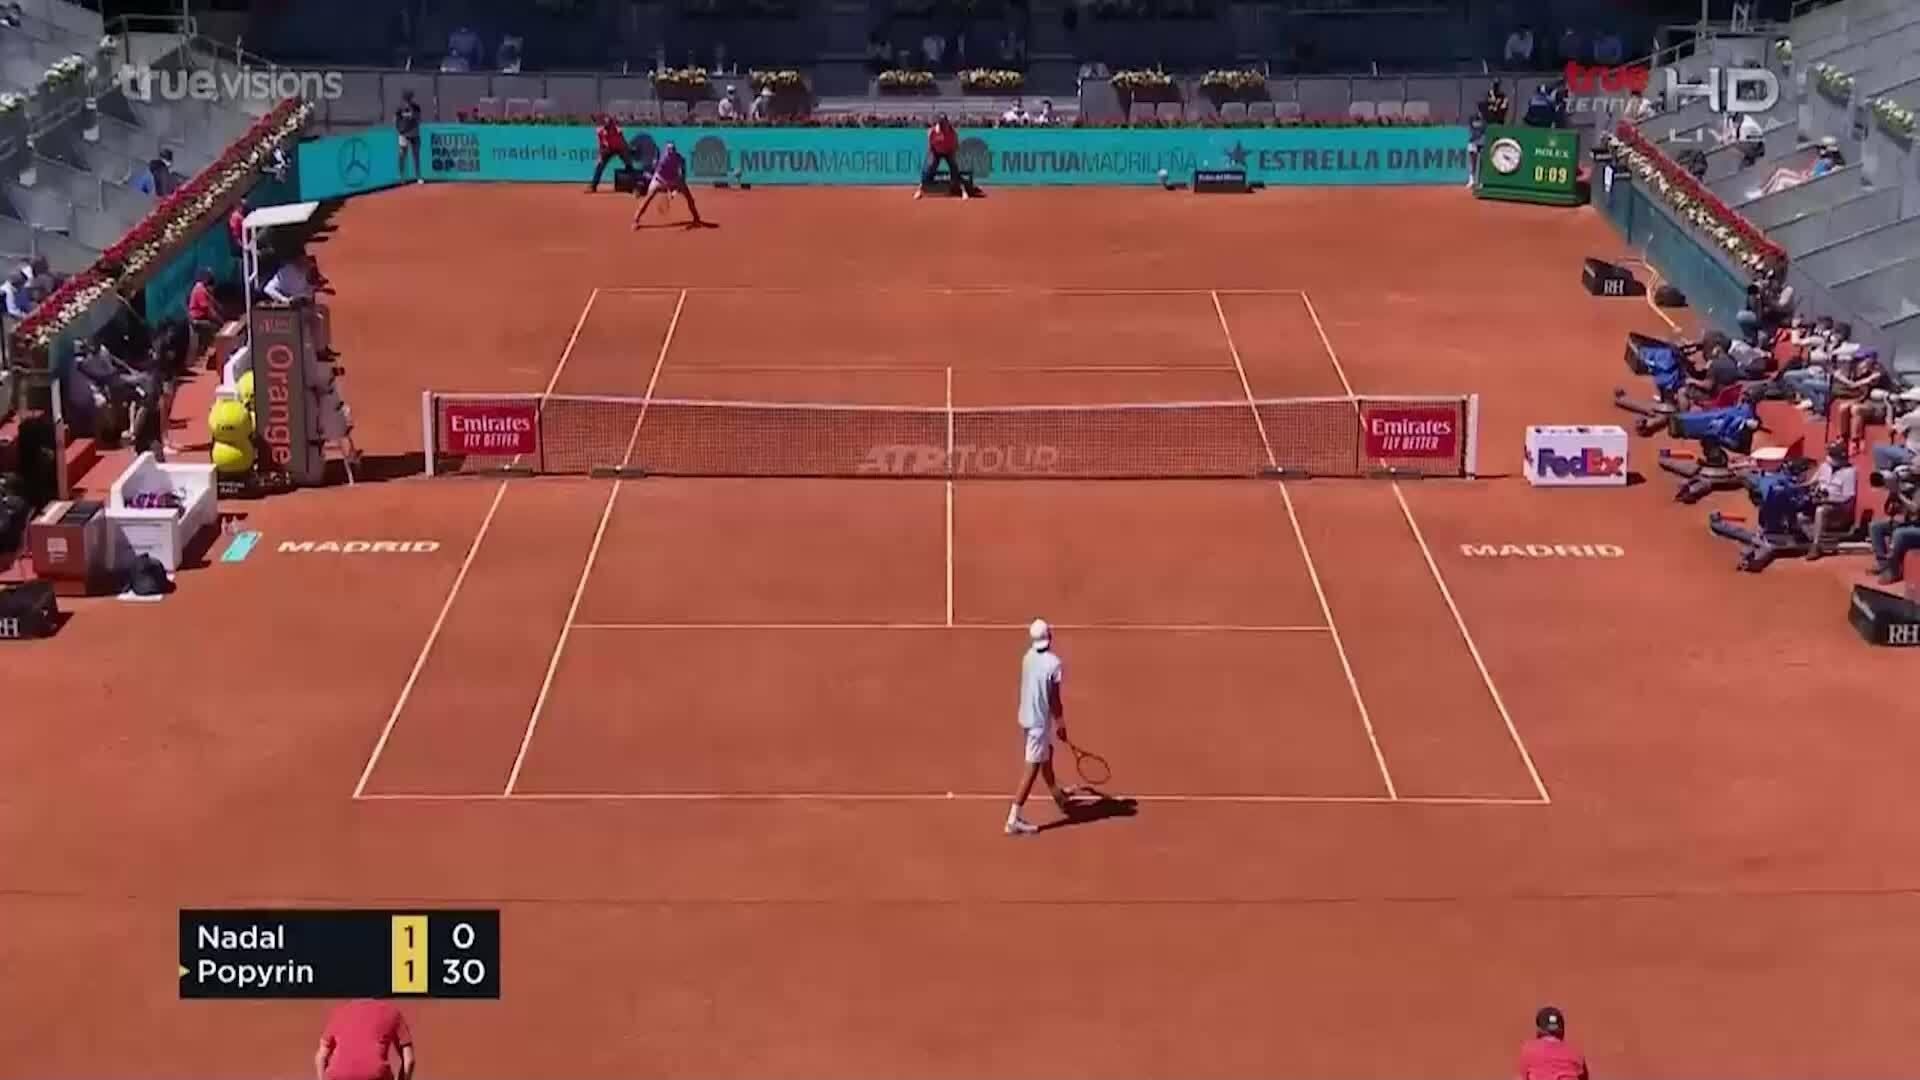 Nadal 2-0 Popyrin